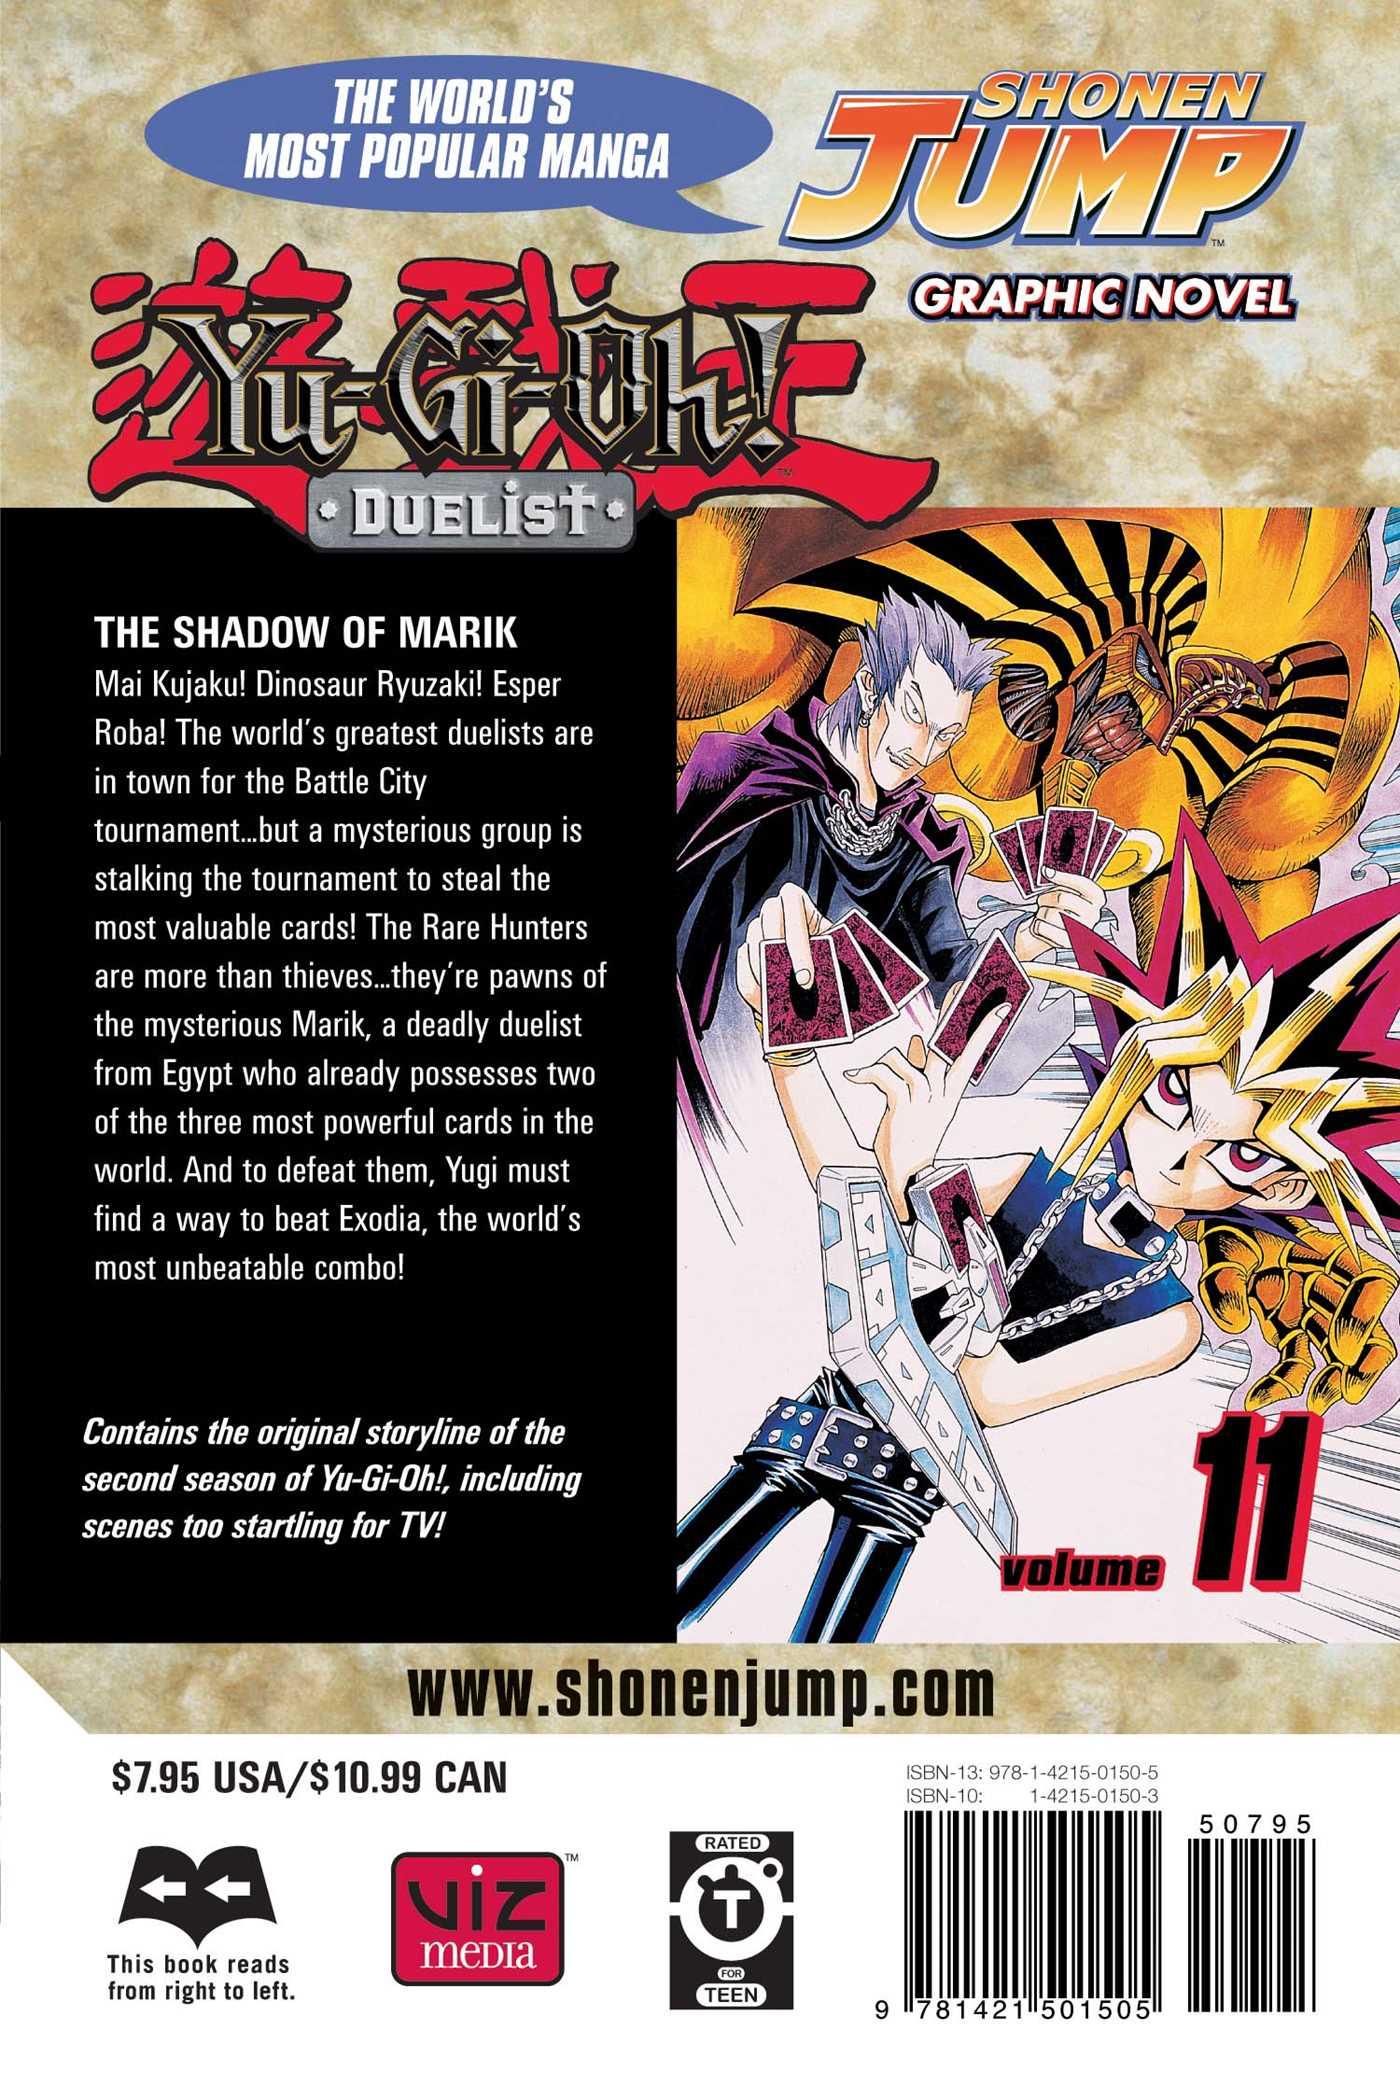 Yu gi oh duelist vol 11 9781421501505 hr back